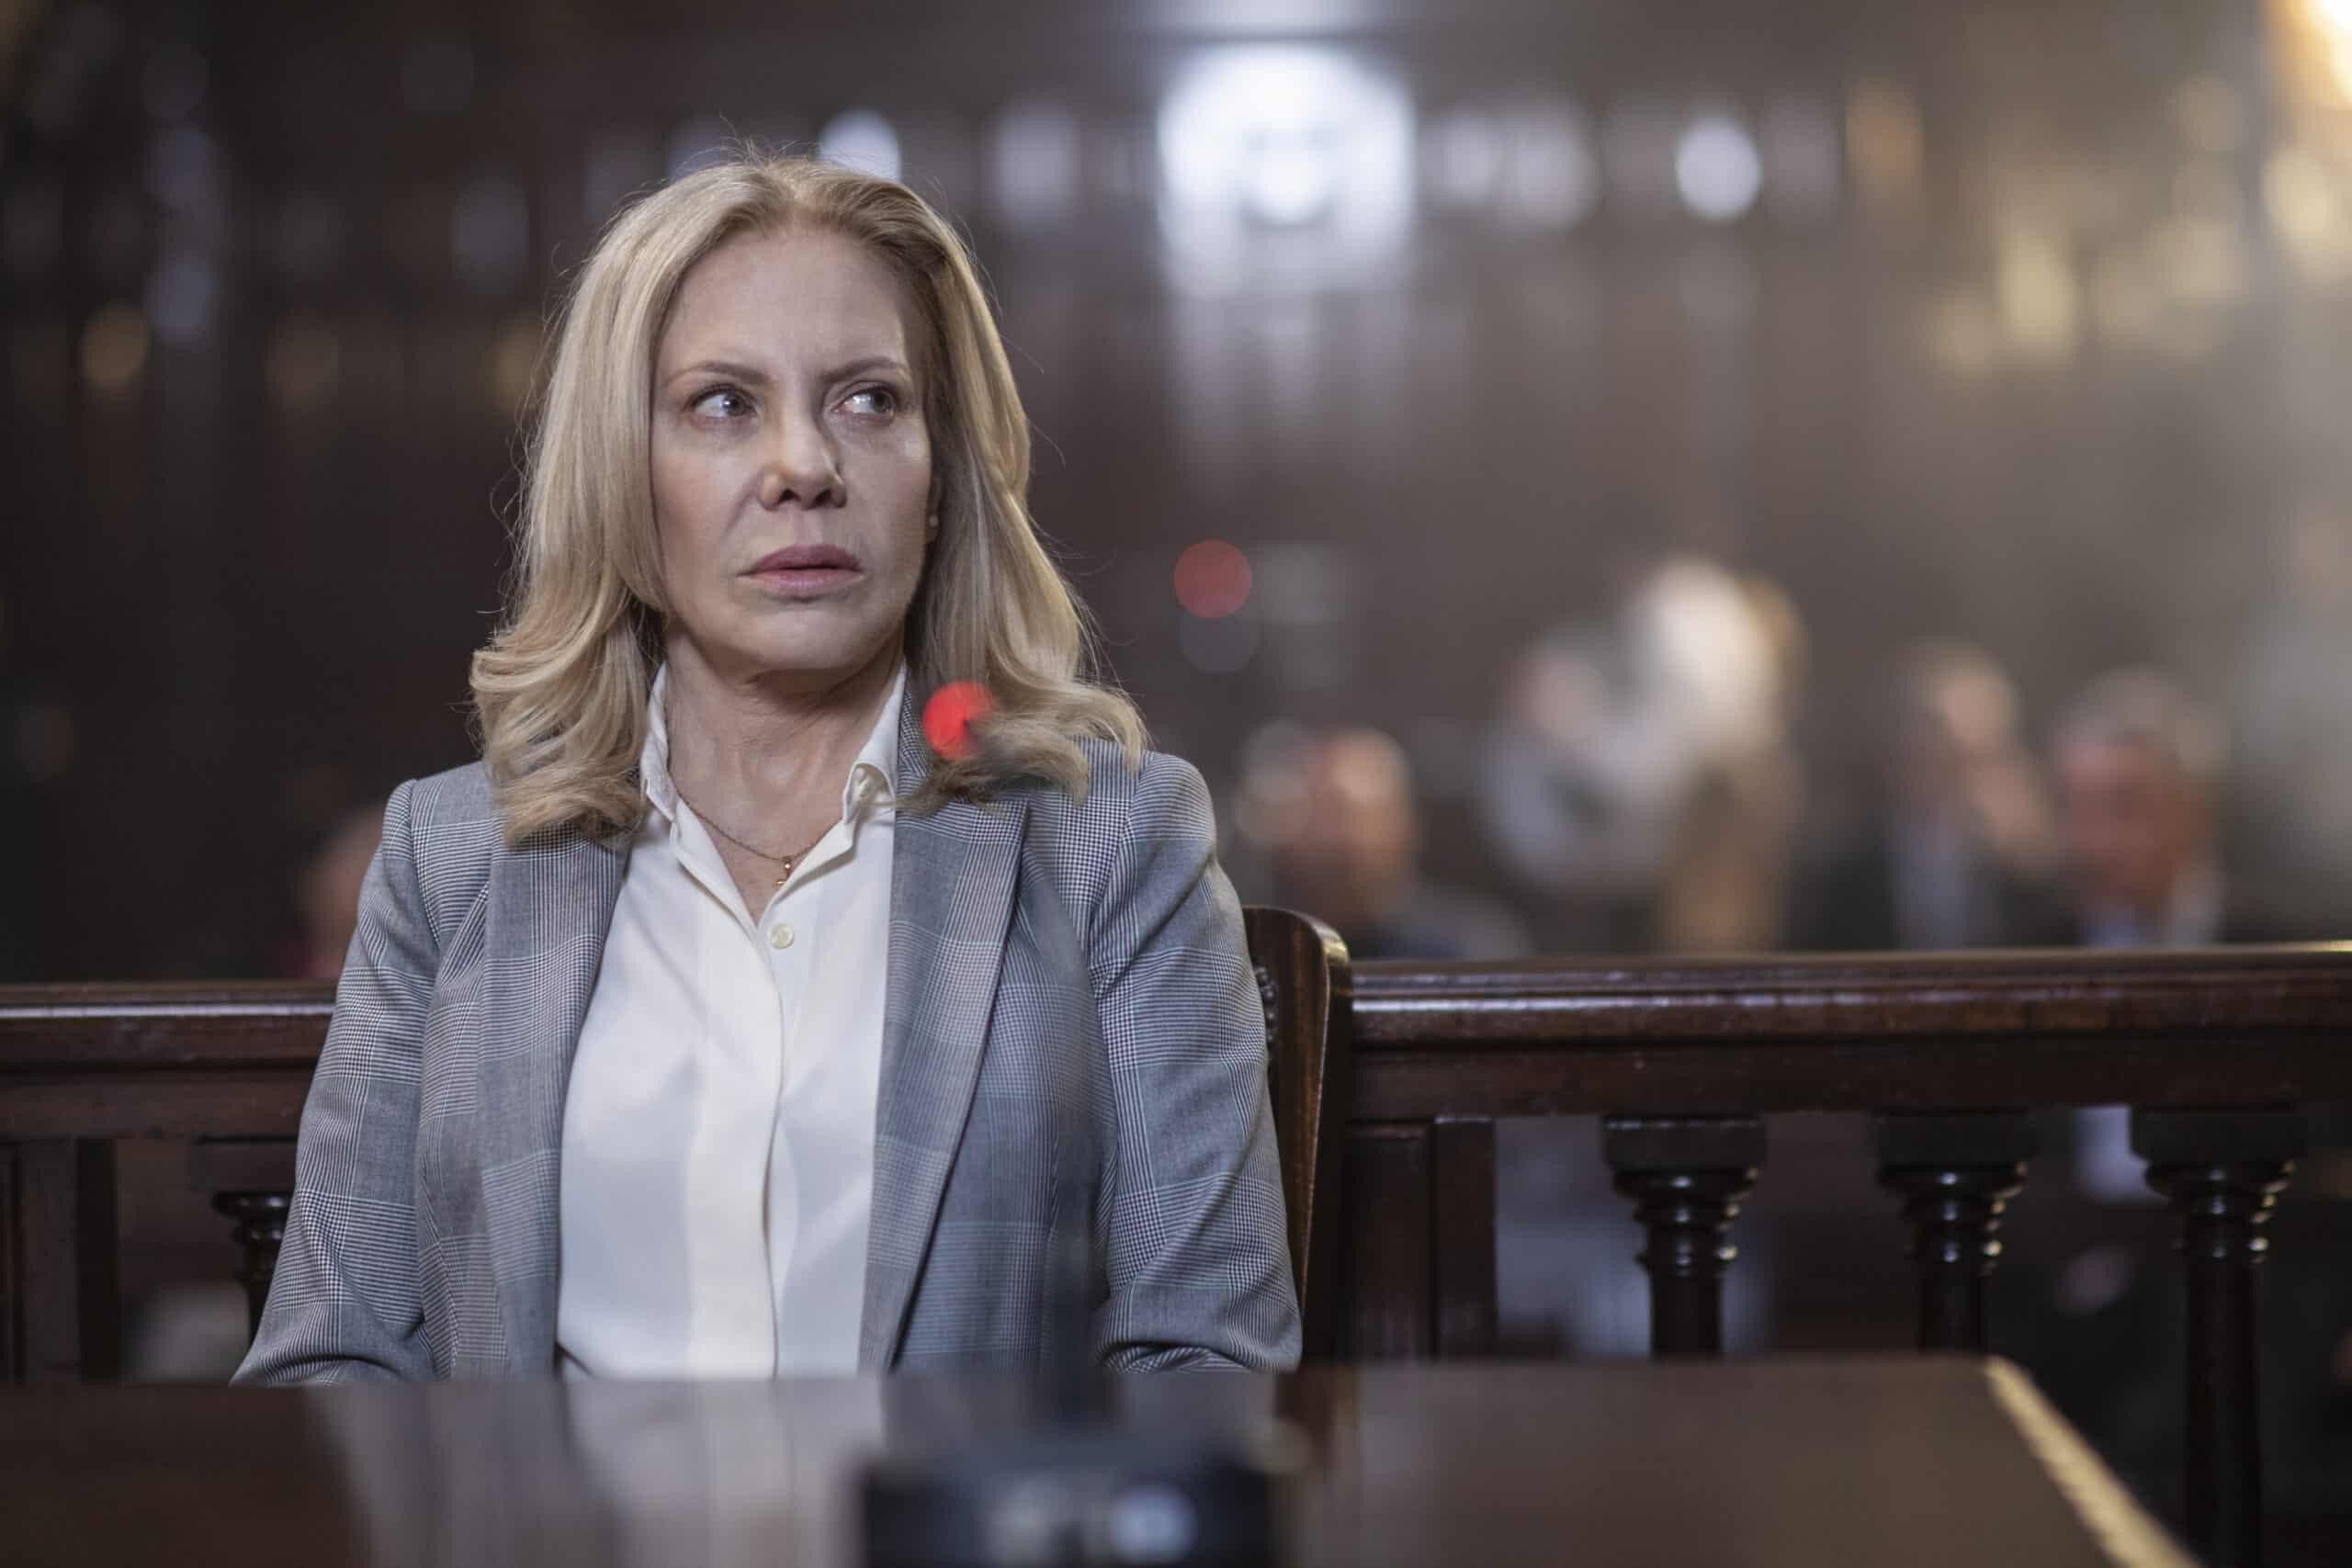 Crimini in famiglia - film thriller - Netflix - violenza sulle donne, crimine giustizia e media - articolo di Maurizio Corte - Blog IlBiondino.org - Agenzia Corte&Media Verona